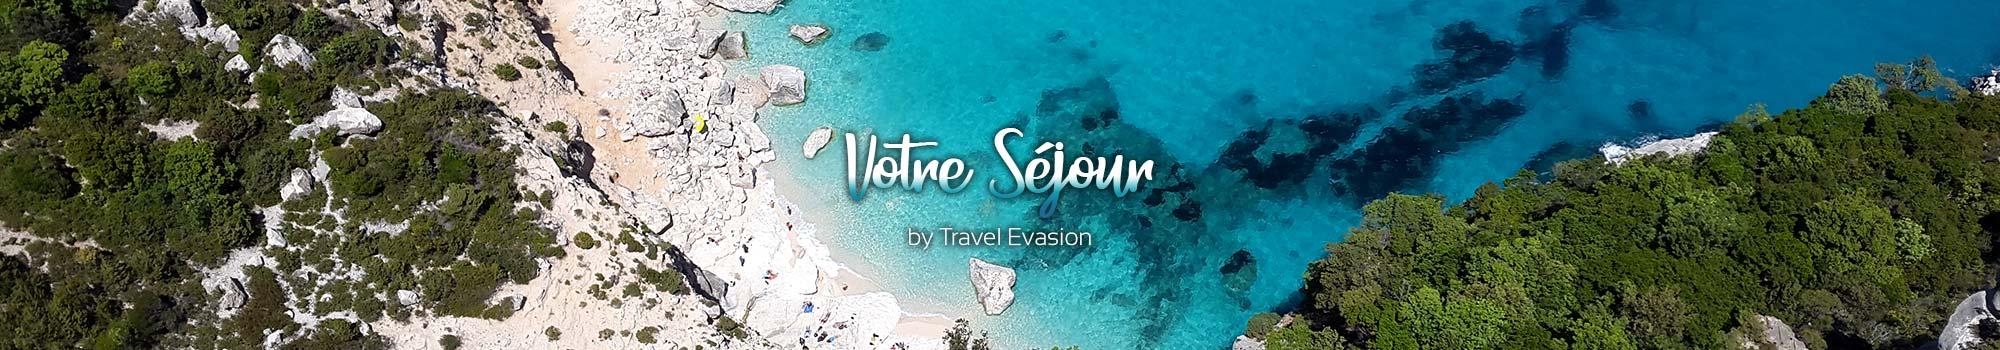 Séjours et voyage pas cher by Travel Evasion